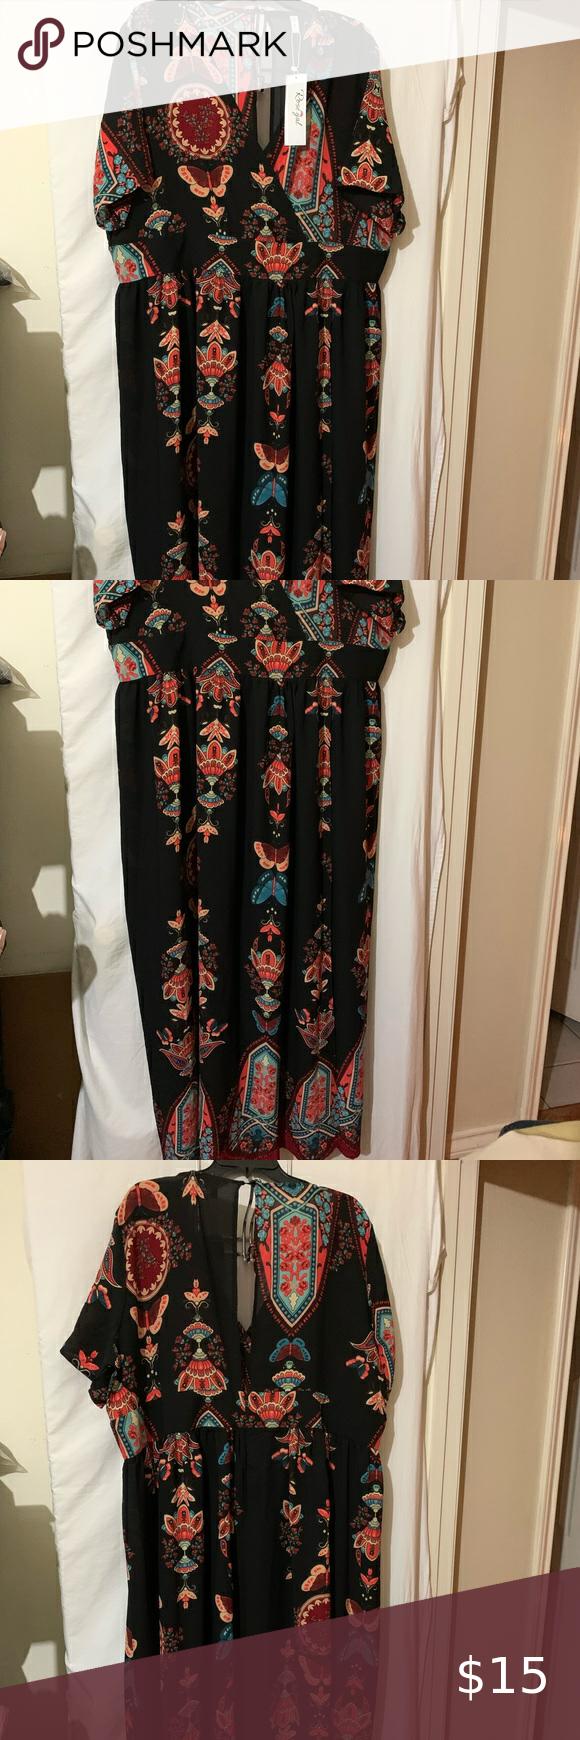 Rosegal Dress Maxi Size 5x Black Rosegal Maxi Dress Size 5x Beautiful Dress Black With Blue And Terra Cotta Colored Flowers Maxi Dress Clothes Design Dresses [ 1740 x 580 Pixel ]